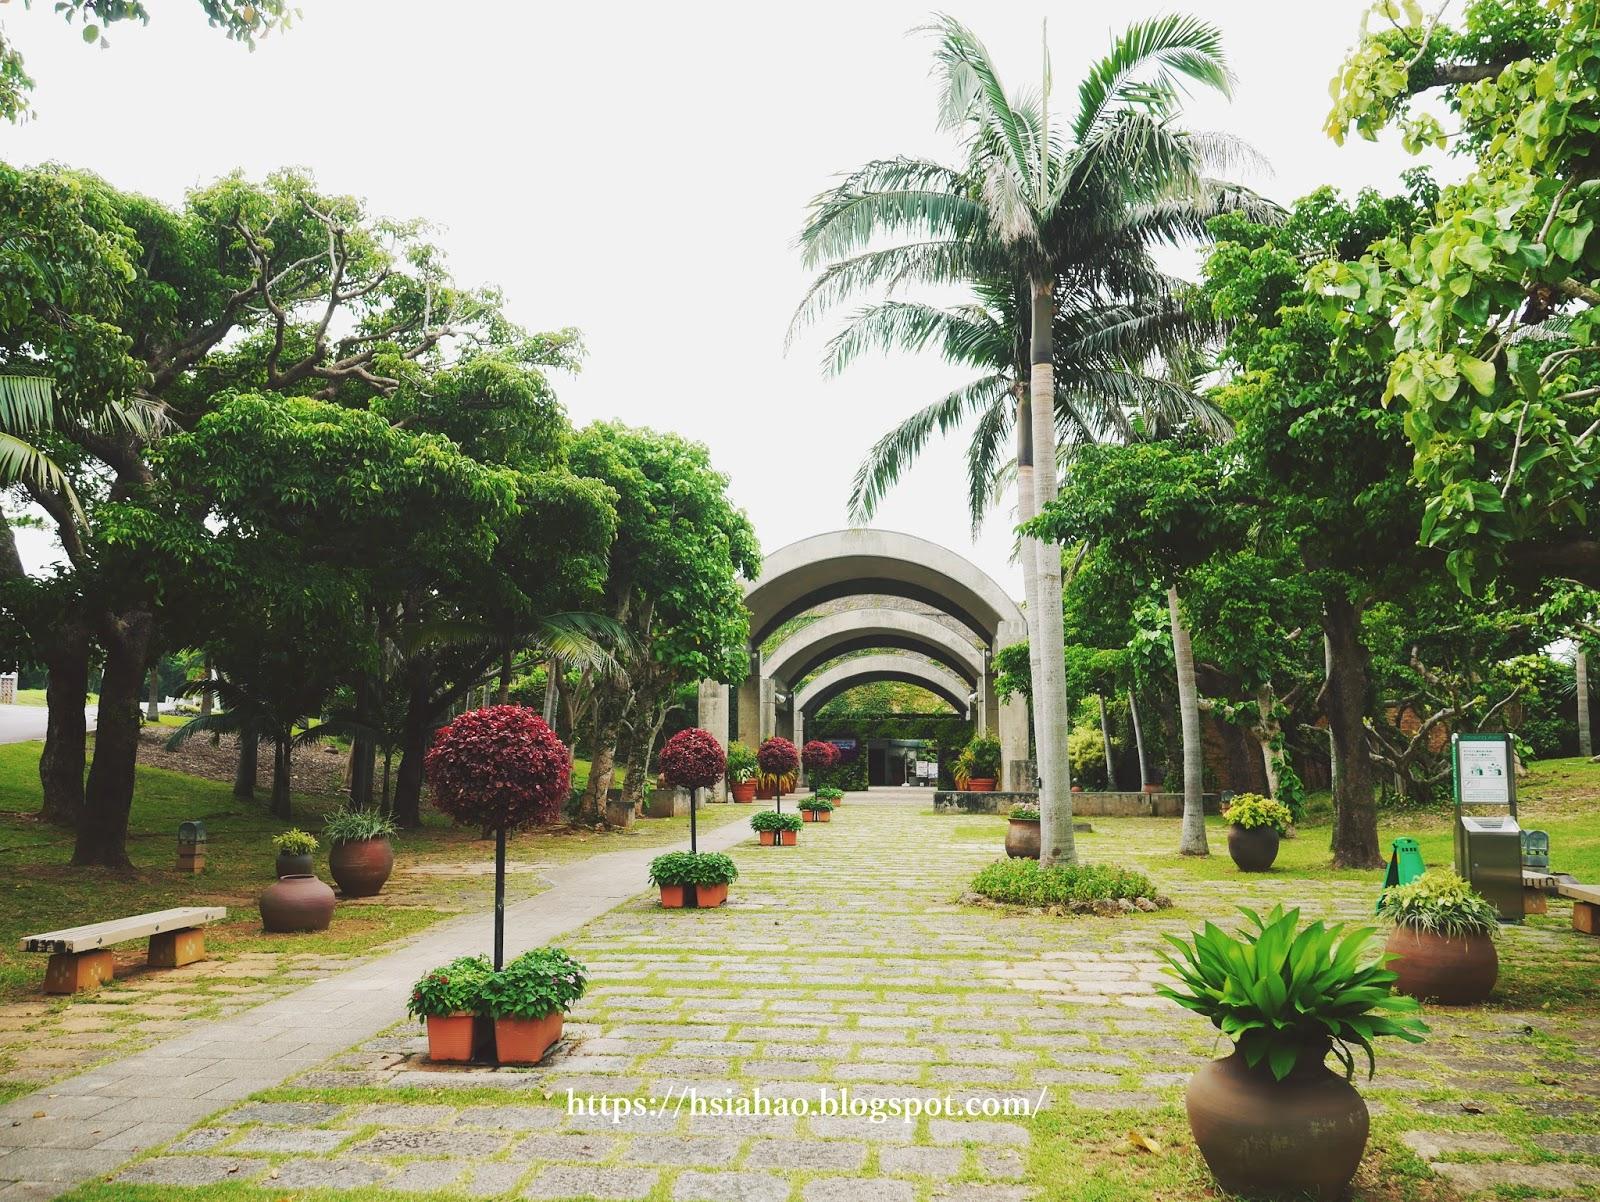 沖繩-海洋博公園-熱帶夢幻中心-熱帯ドリームセンター-Tropical Dream Center--景點-自由行-旅遊-旅行-okinawa-ocean-expo-park